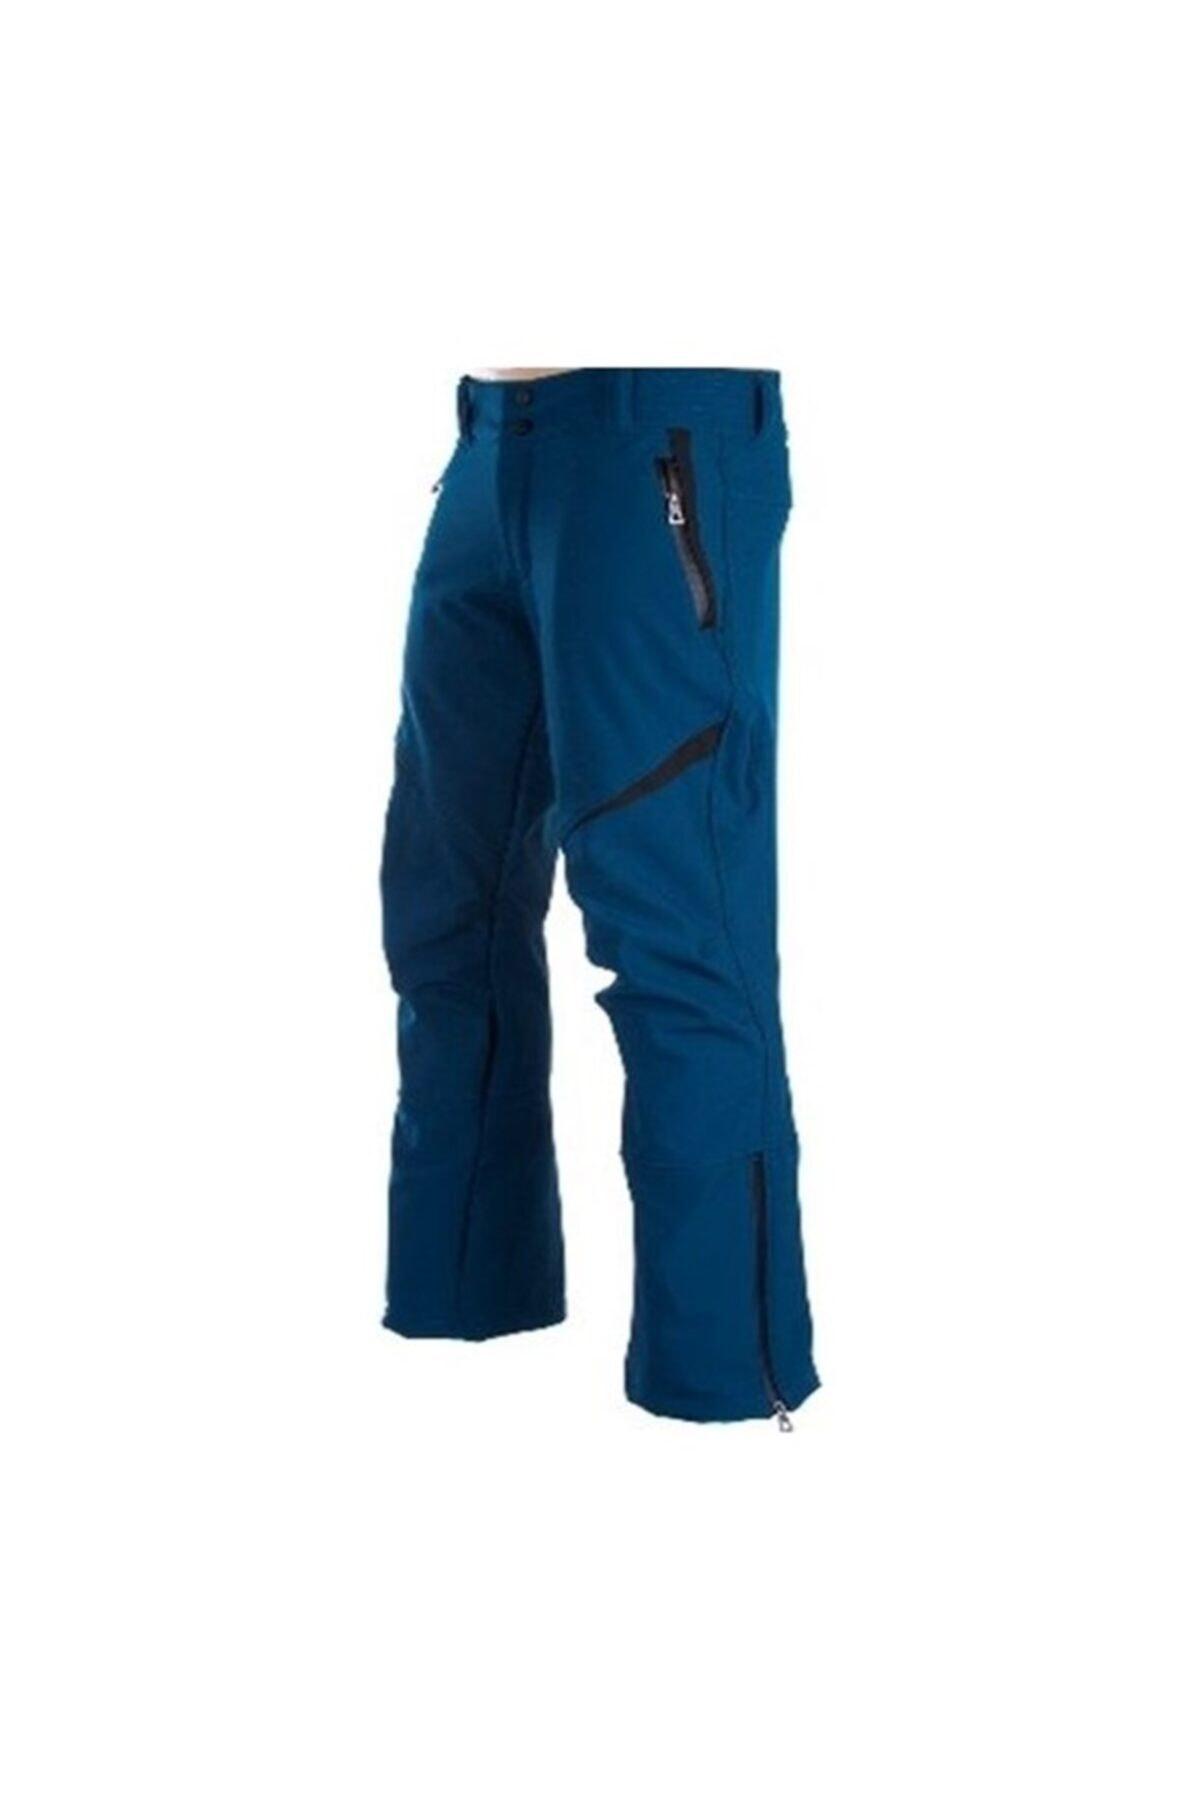 خرید مدل شلوار ورزشی مردانه برند Exuma رنگ آبی کد ty34934716